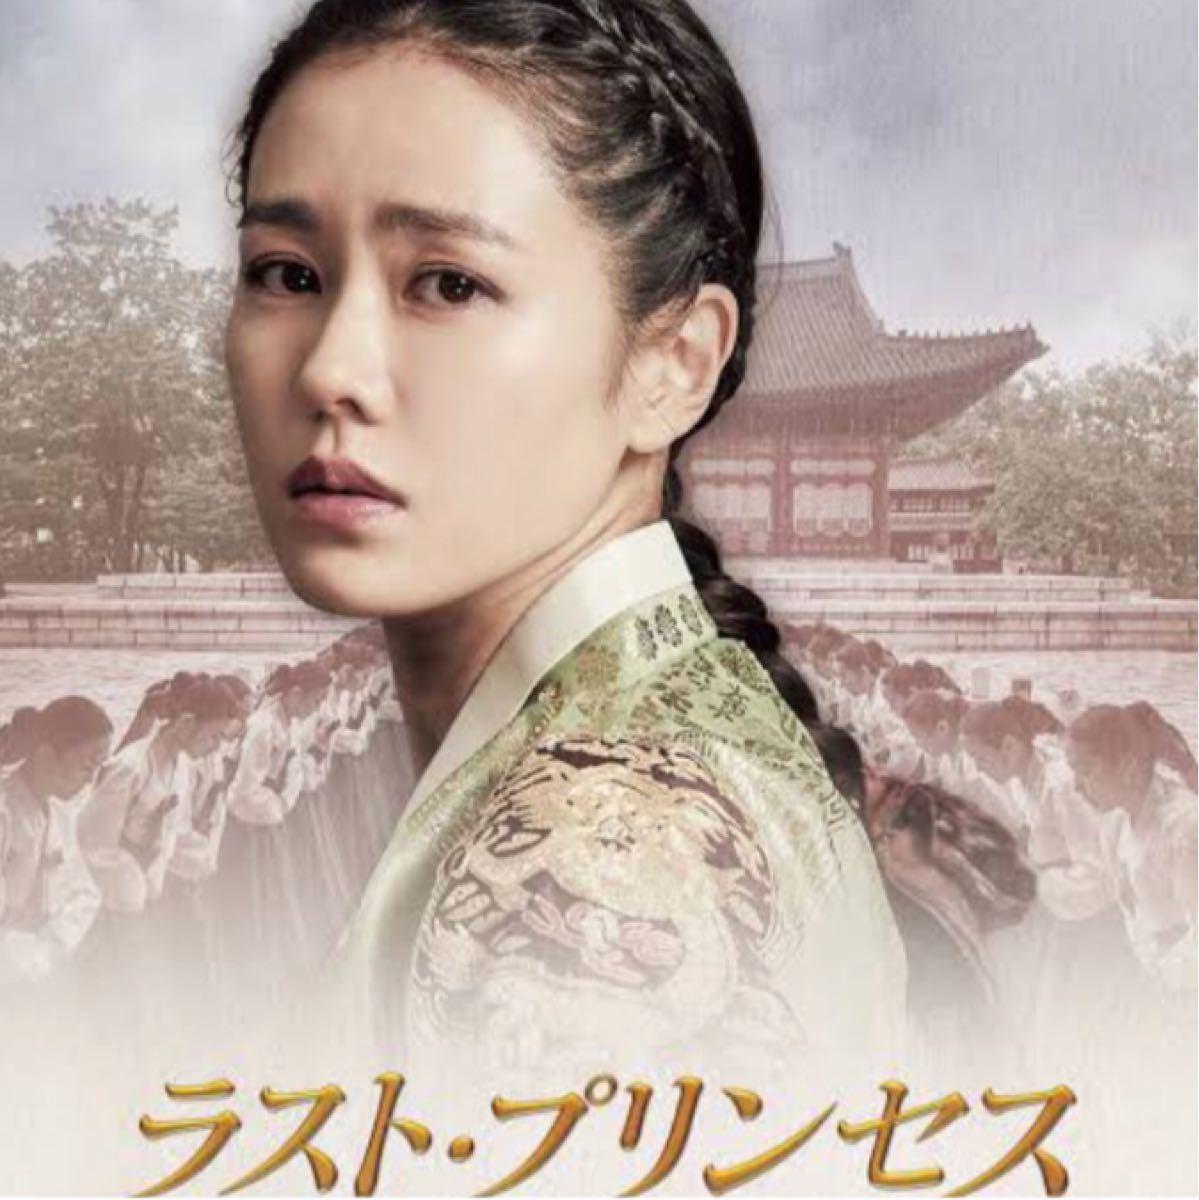 韓国映画  ラストプリンセス  ソン・イェジン  DVD  日本語吹替有り  レーベル有り